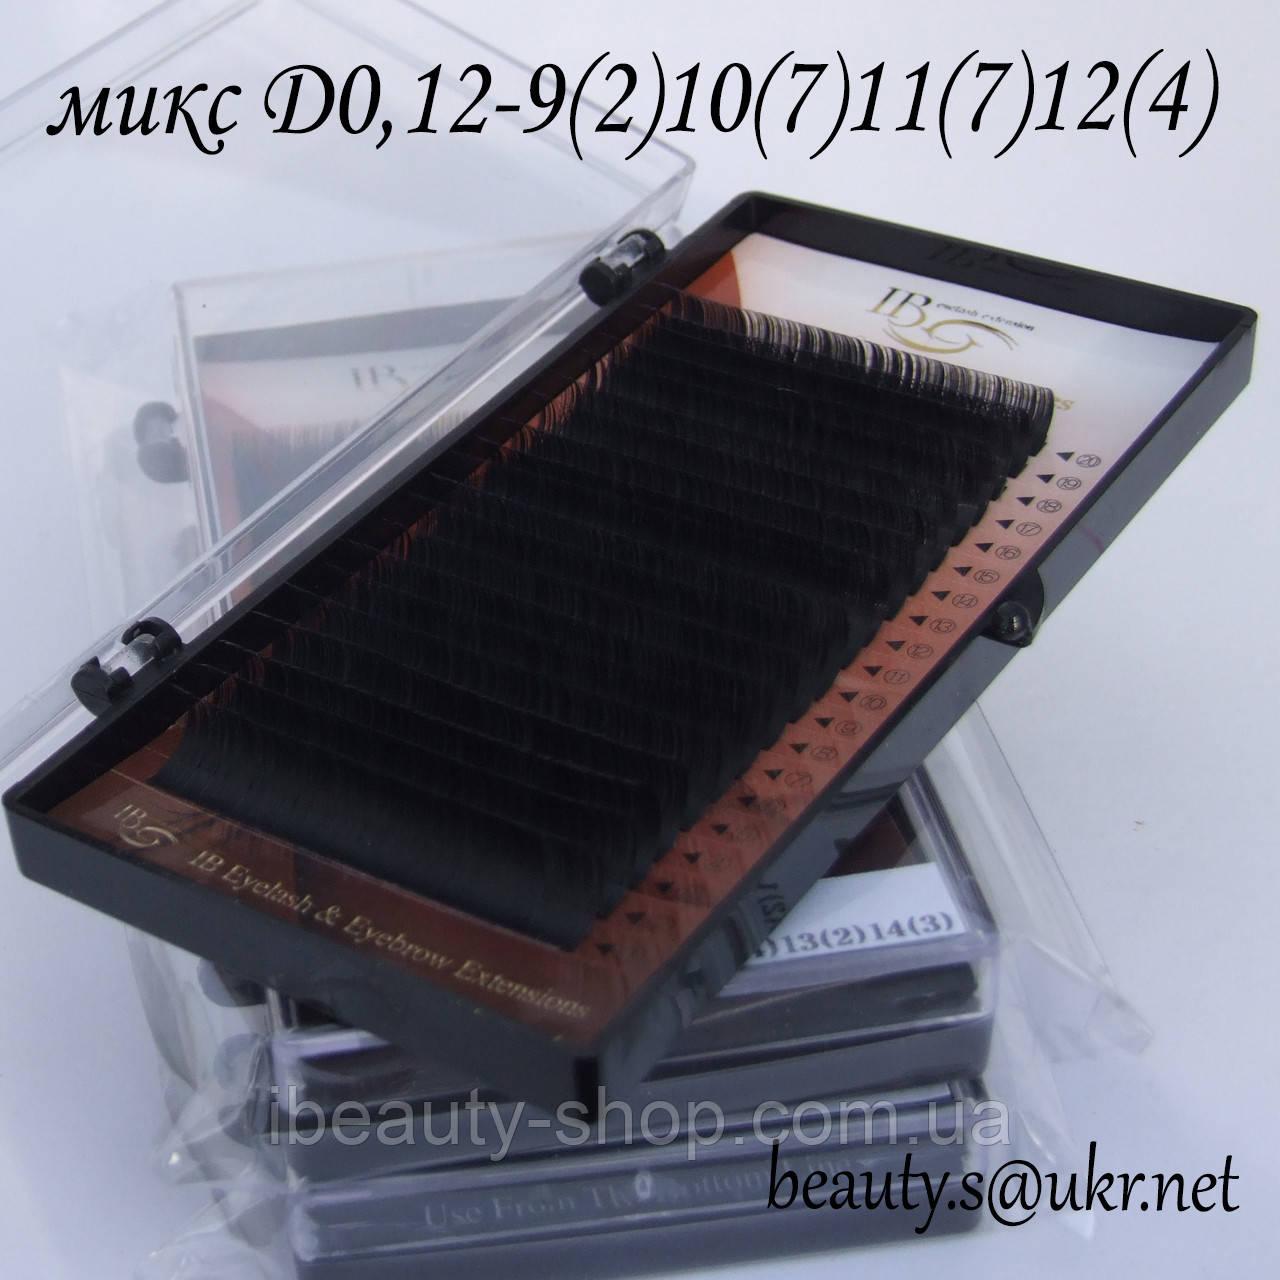 Ресницы I-Beauty микс D-0,12 9-12мм